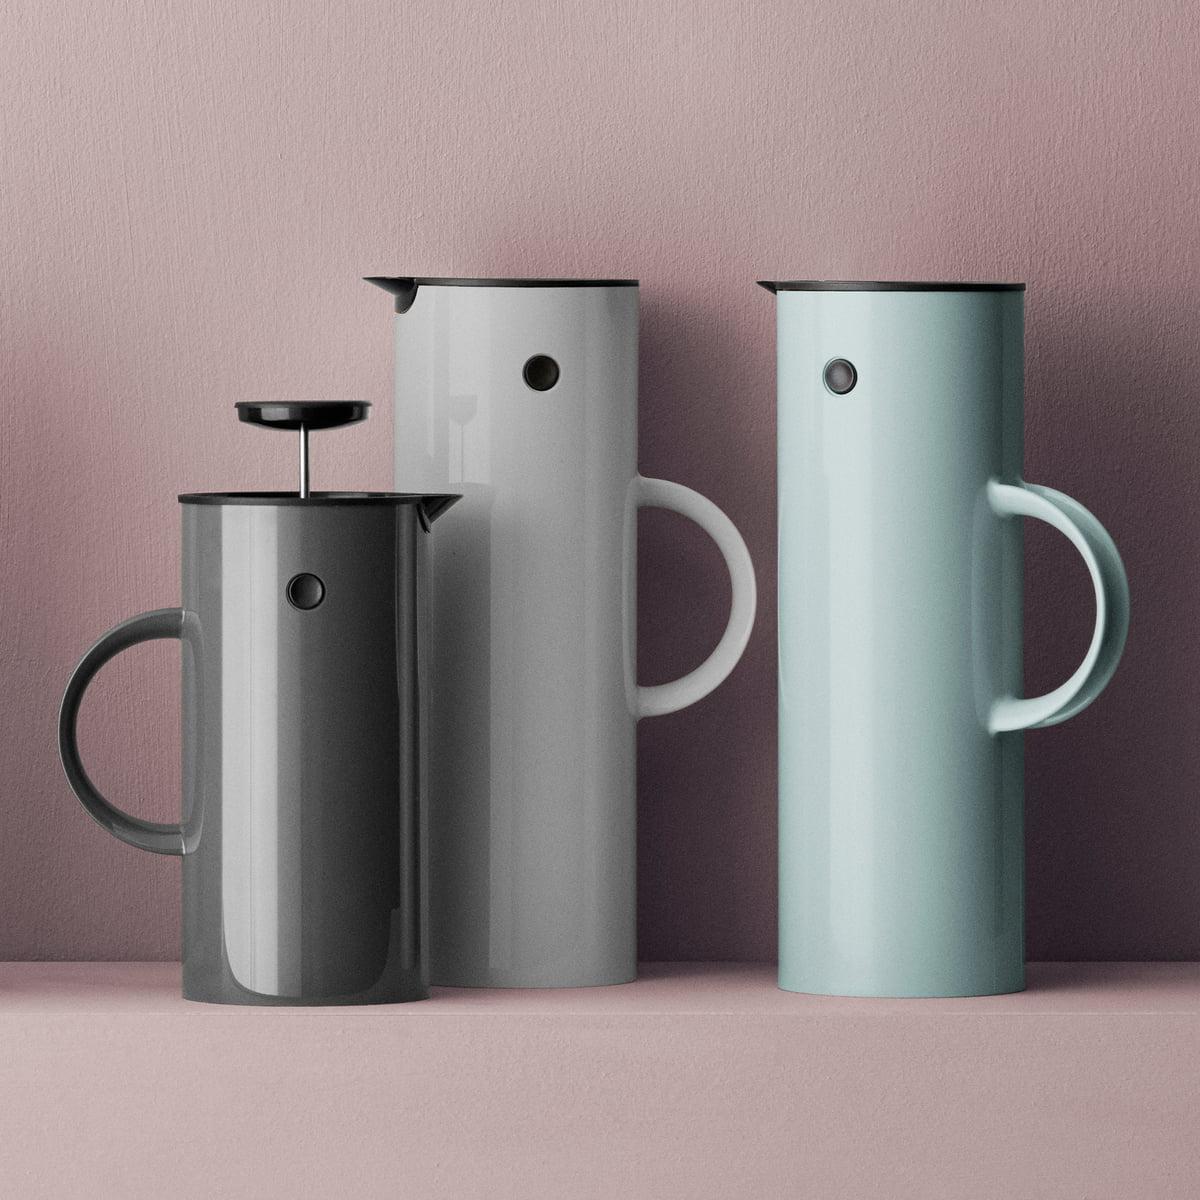 em tea maker 1 l by stelton connox. Black Bedroom Furniture Sets. Home Design Ideas